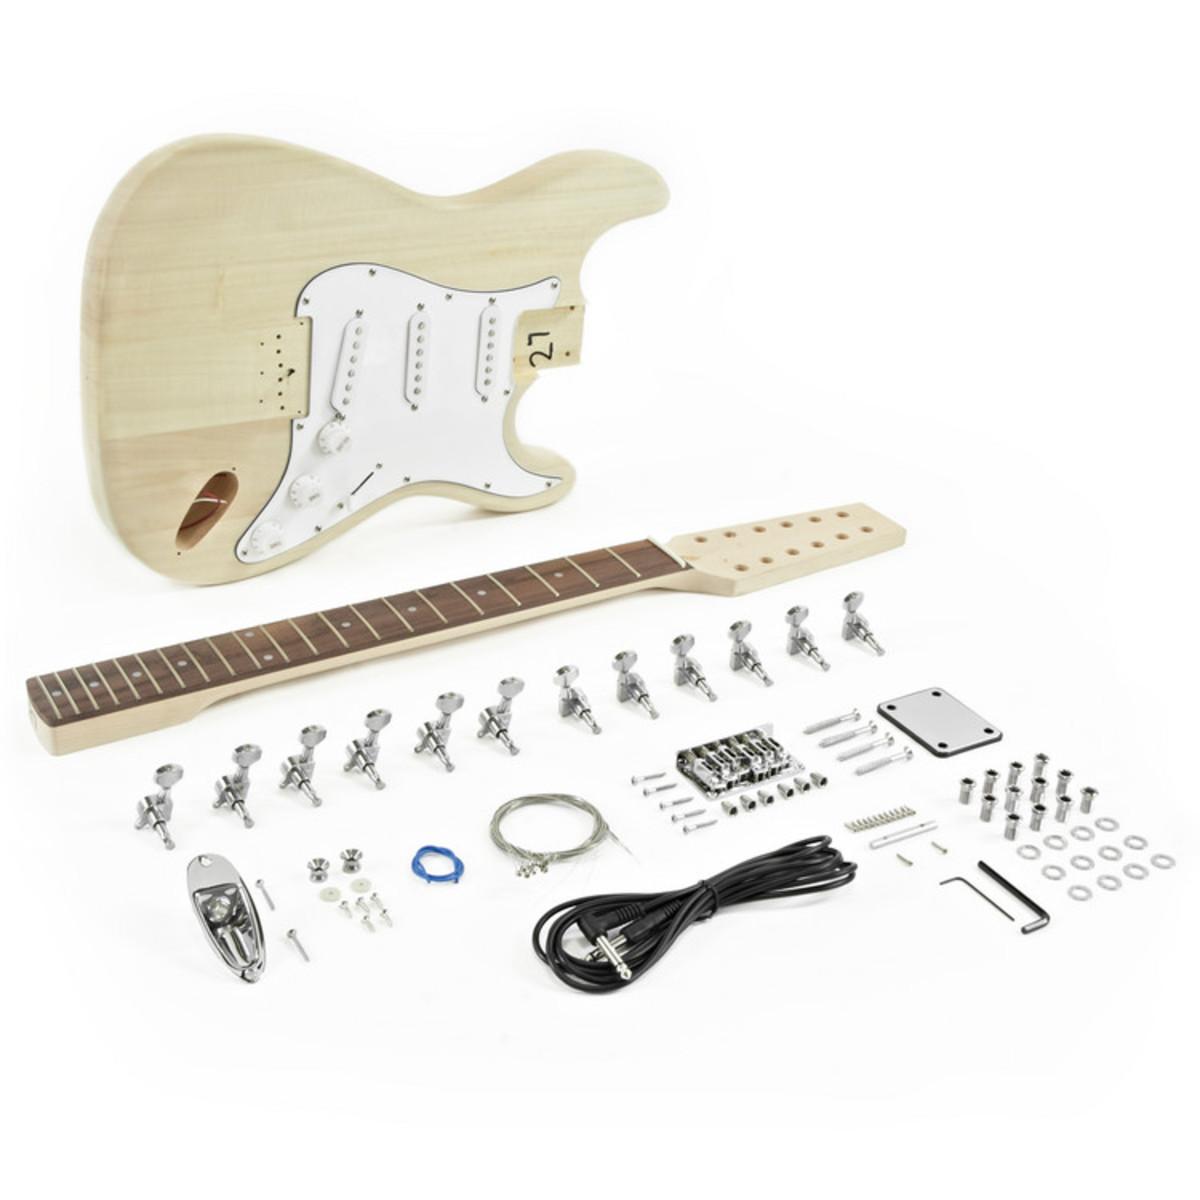 12 string la electric guitar kit cheap 12 string neck. Black Bedroom Furniture Sets. Home Design Ideas